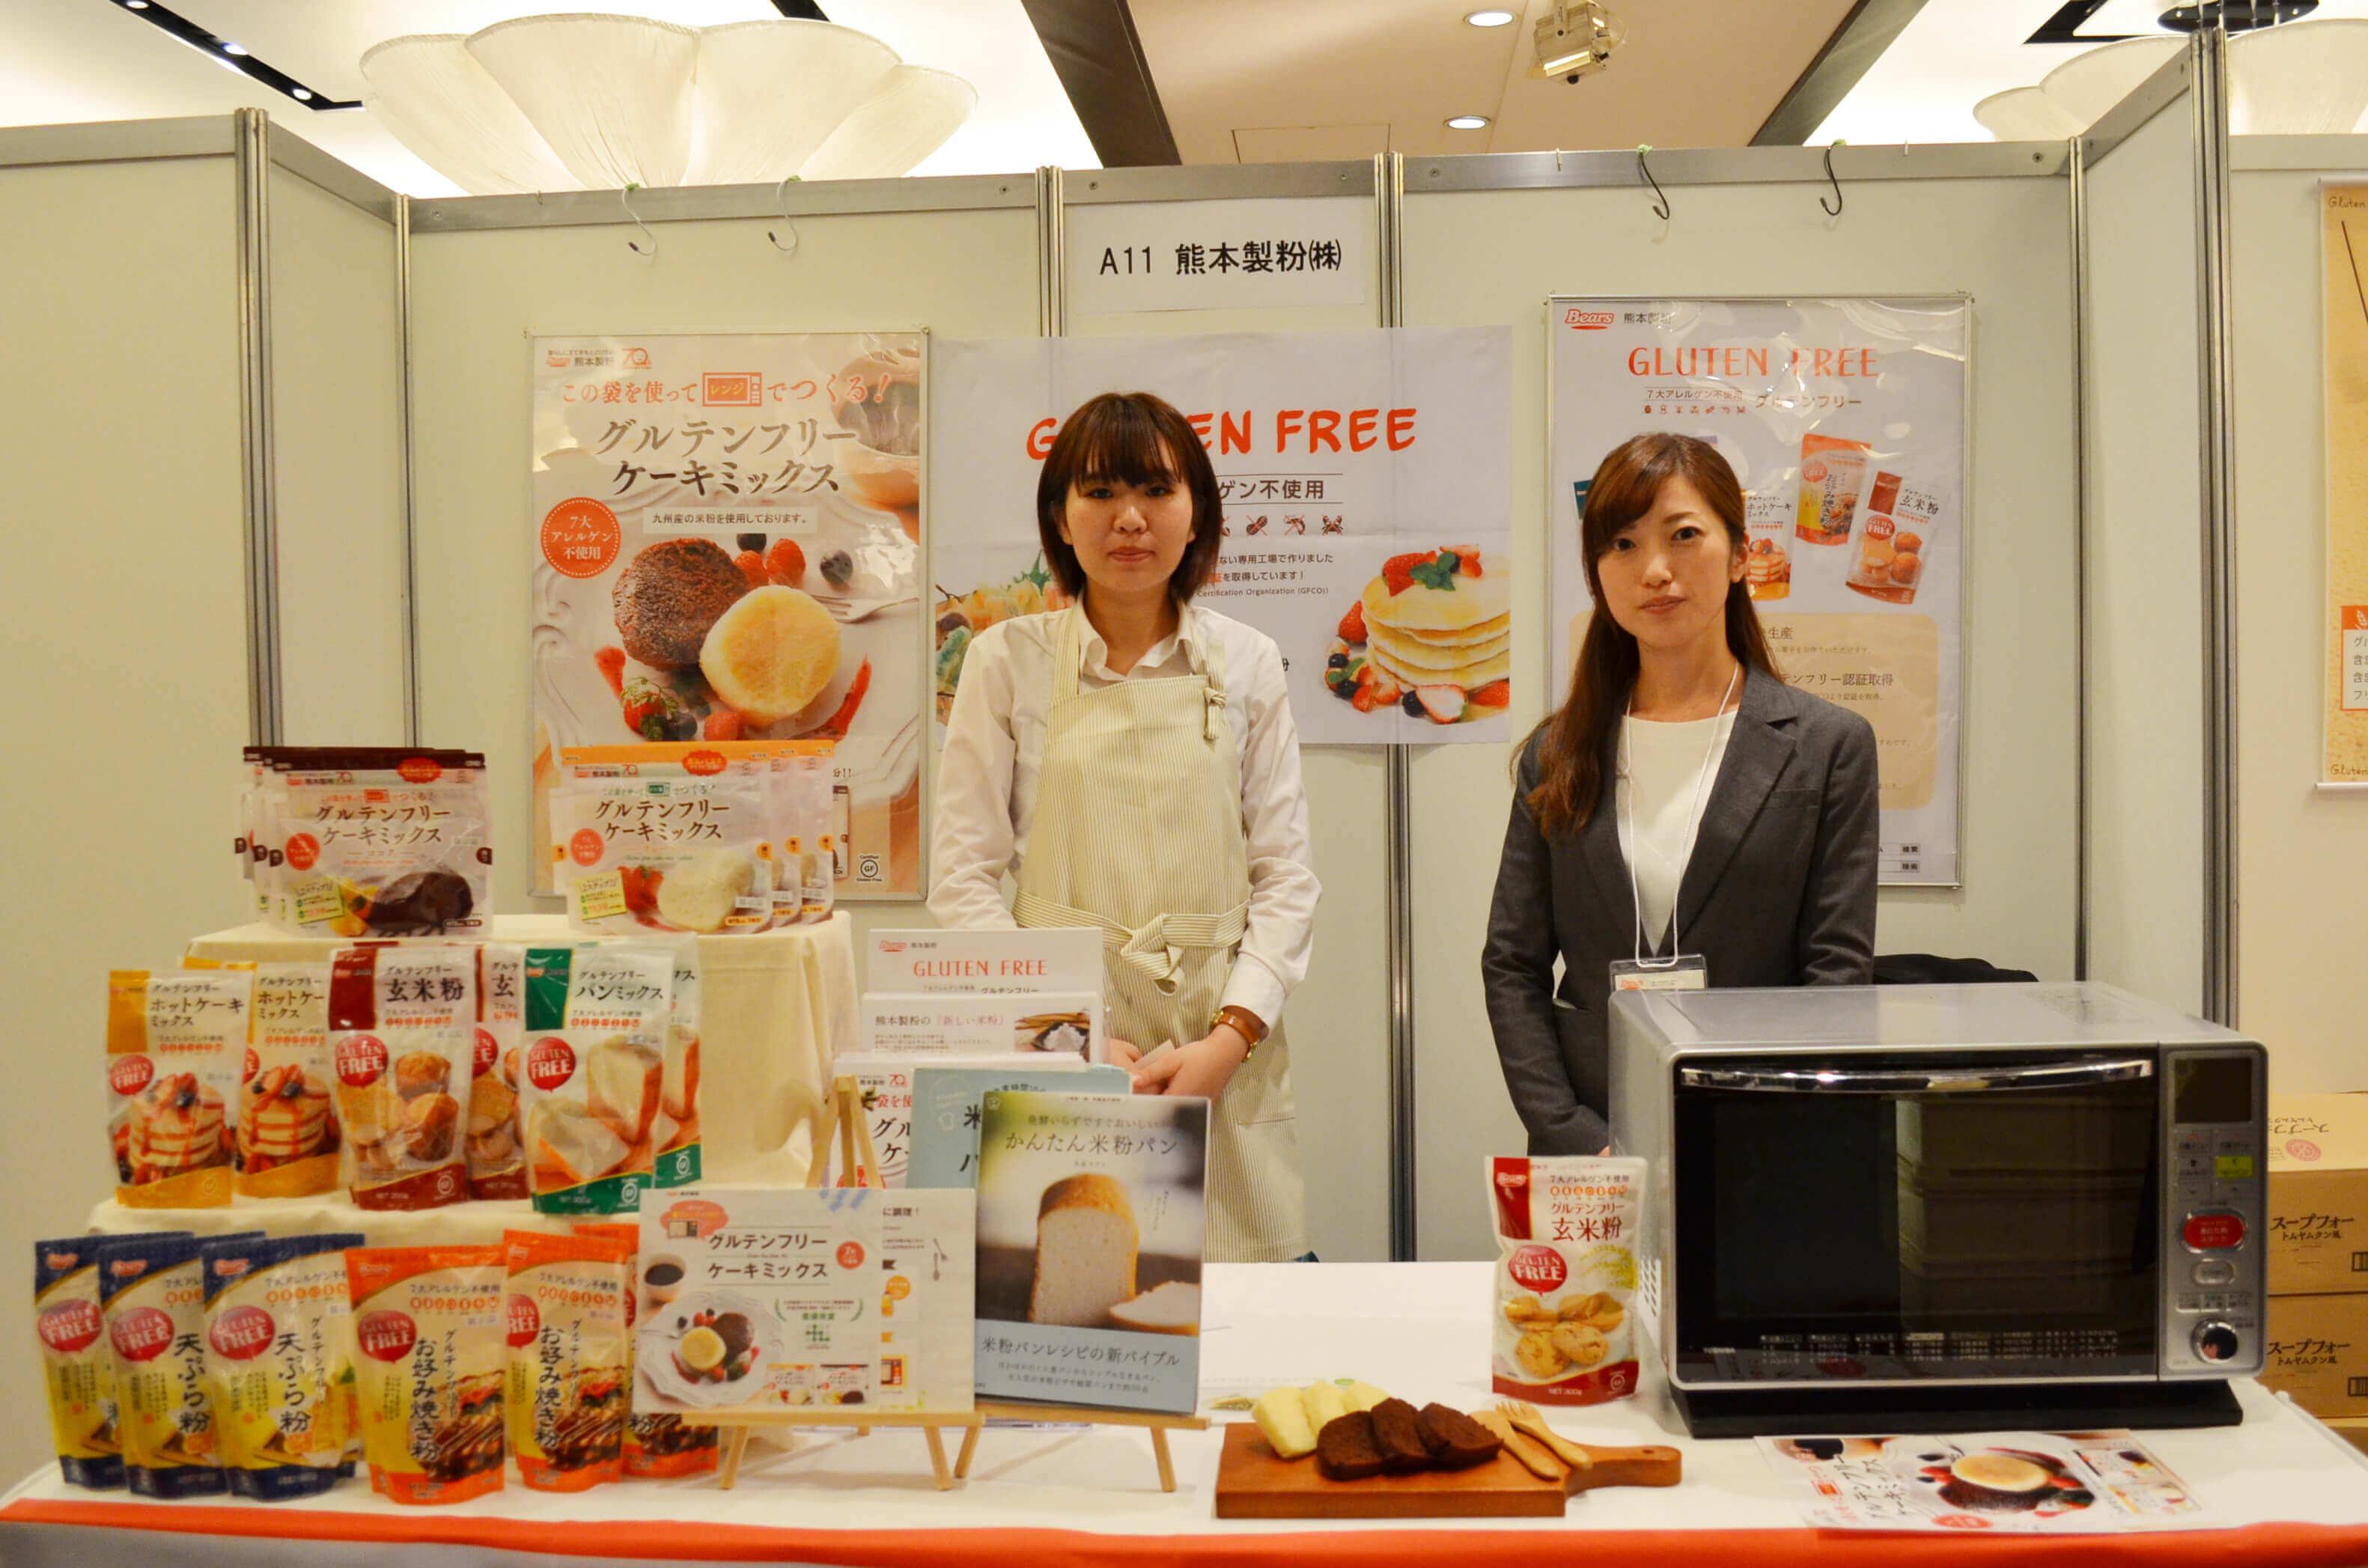 熊本製粉株式会社バーチャルEXPO2018キャッチコピー画像